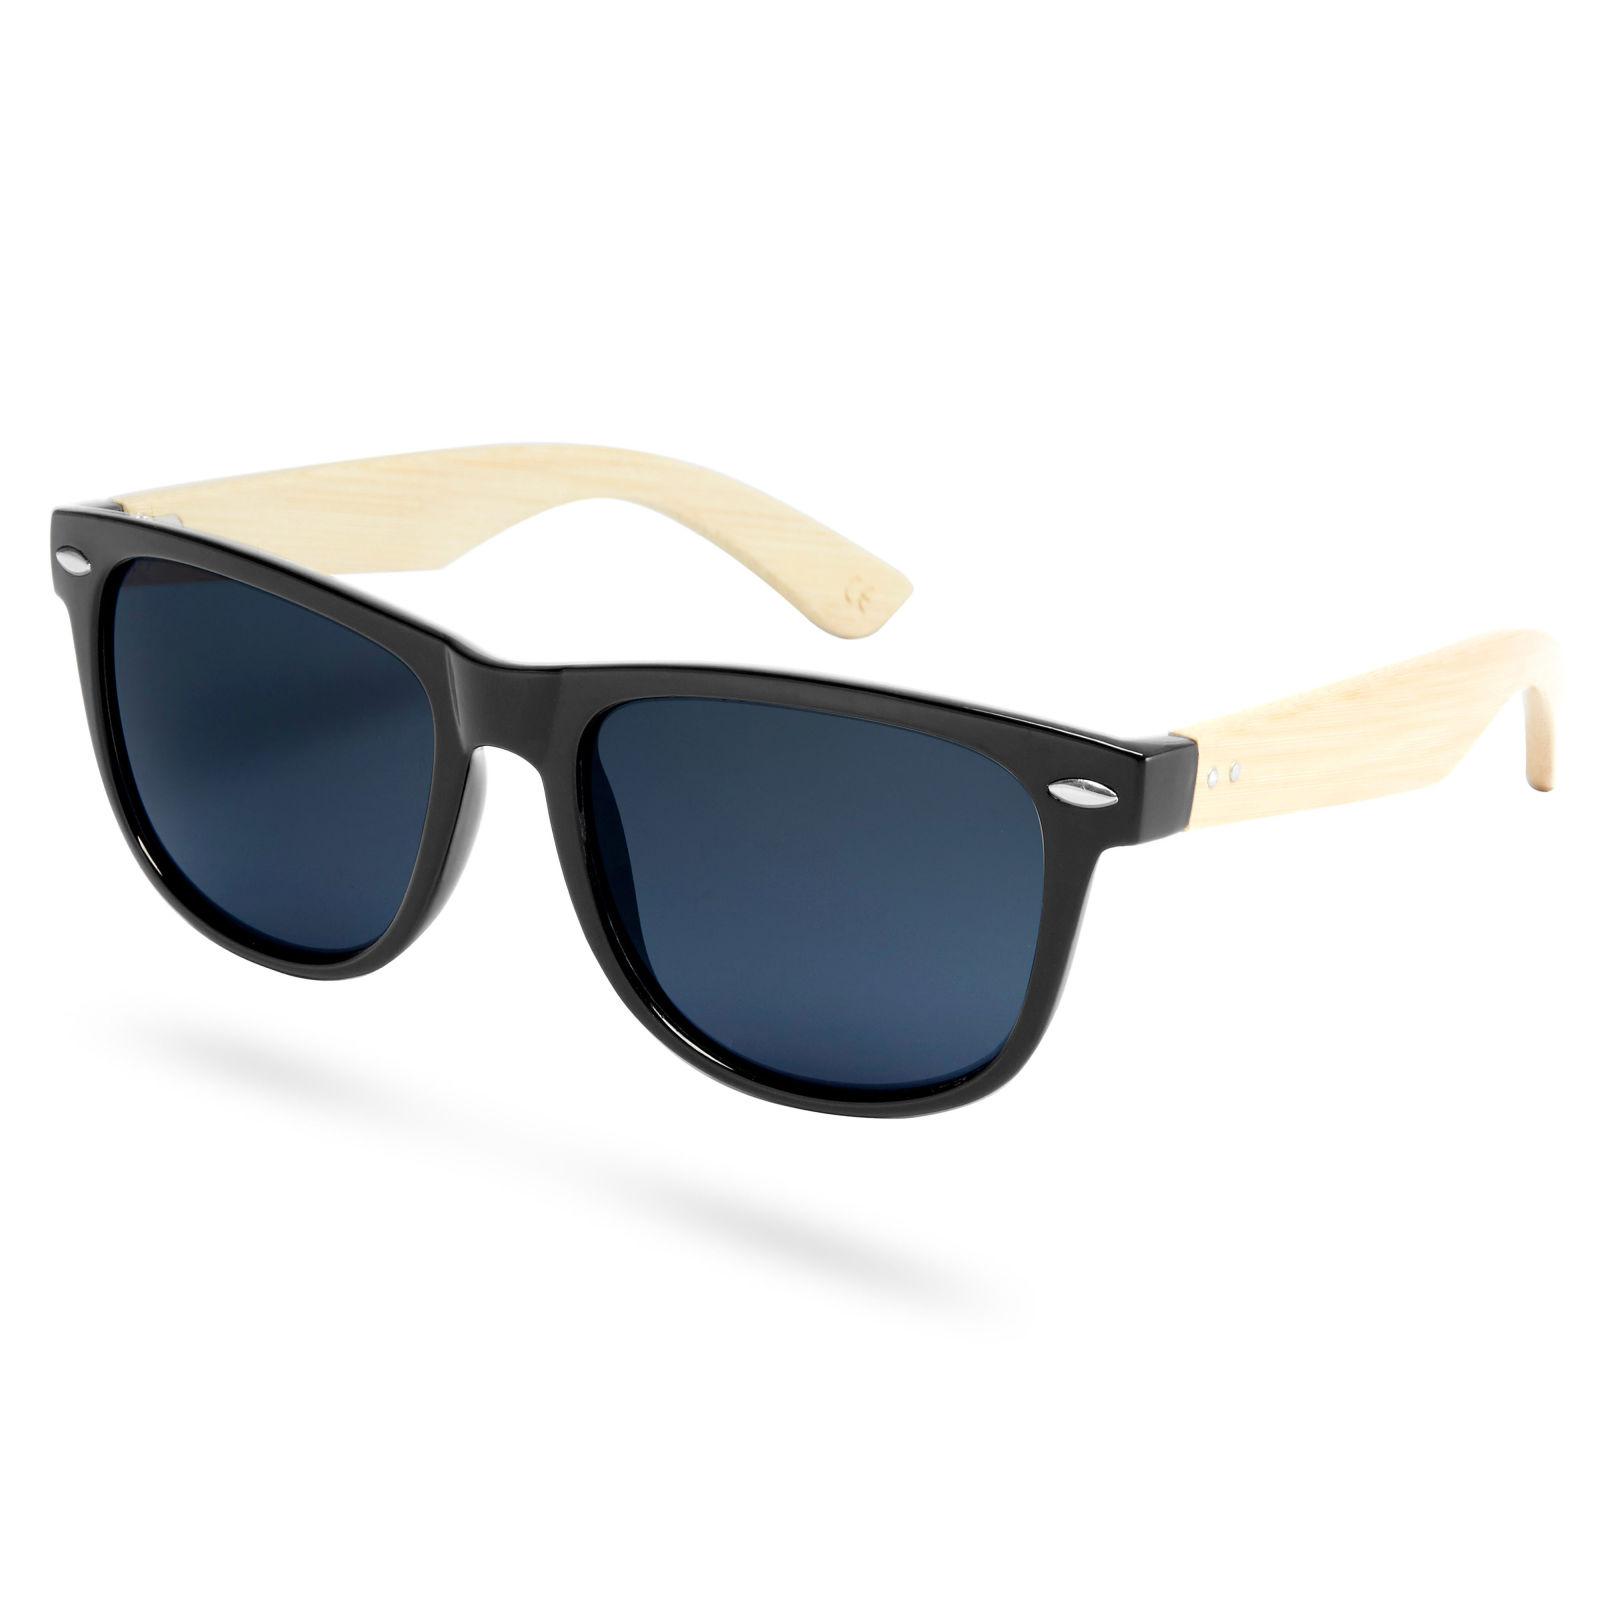 Paul Riley Fekete keretes sötétített napszemüveg bambuszszárakkal ... 3008ff59a7